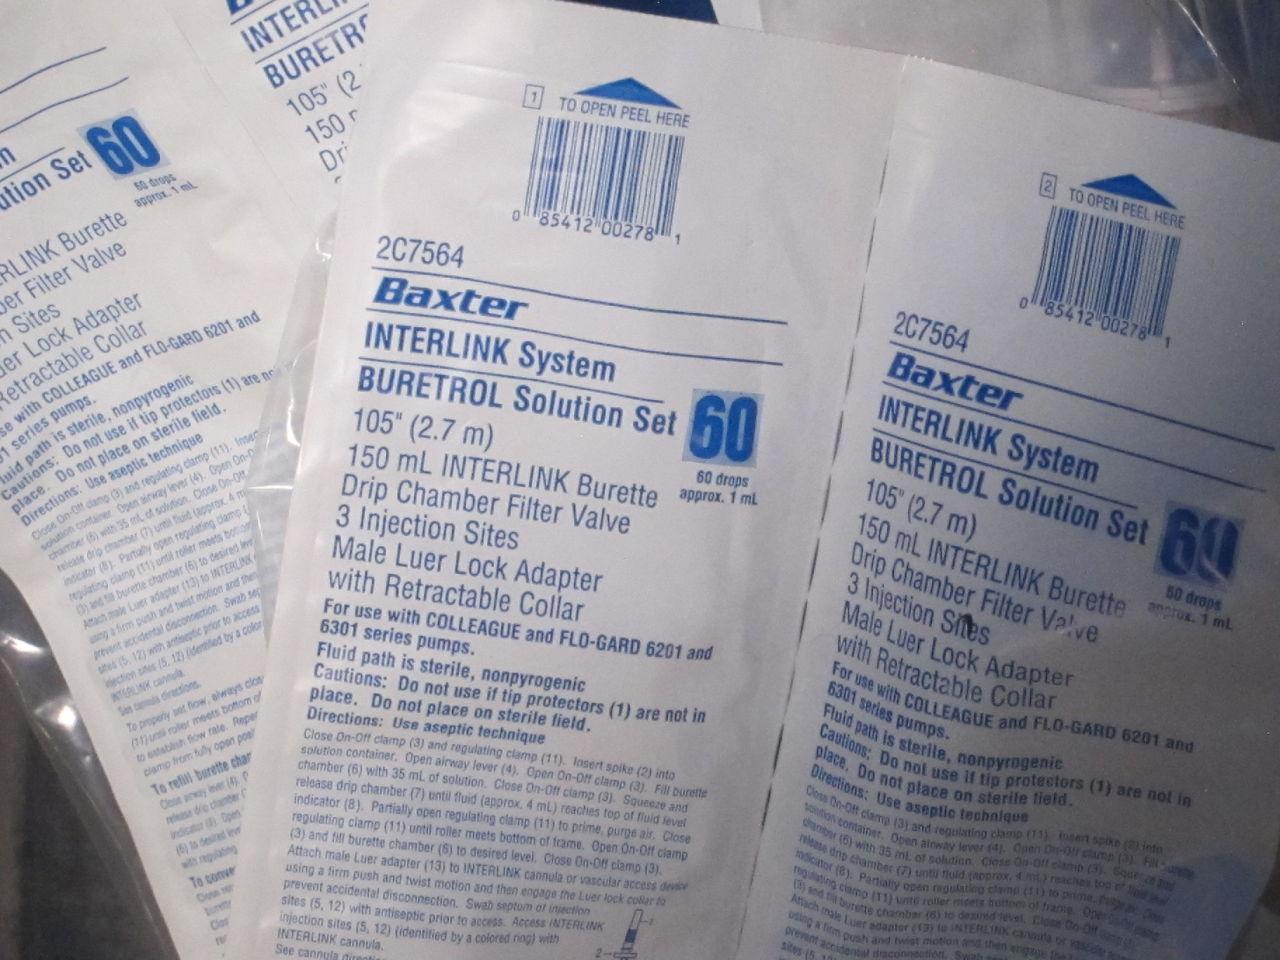 BAXTER Interlink Solution Set - Lot of 6